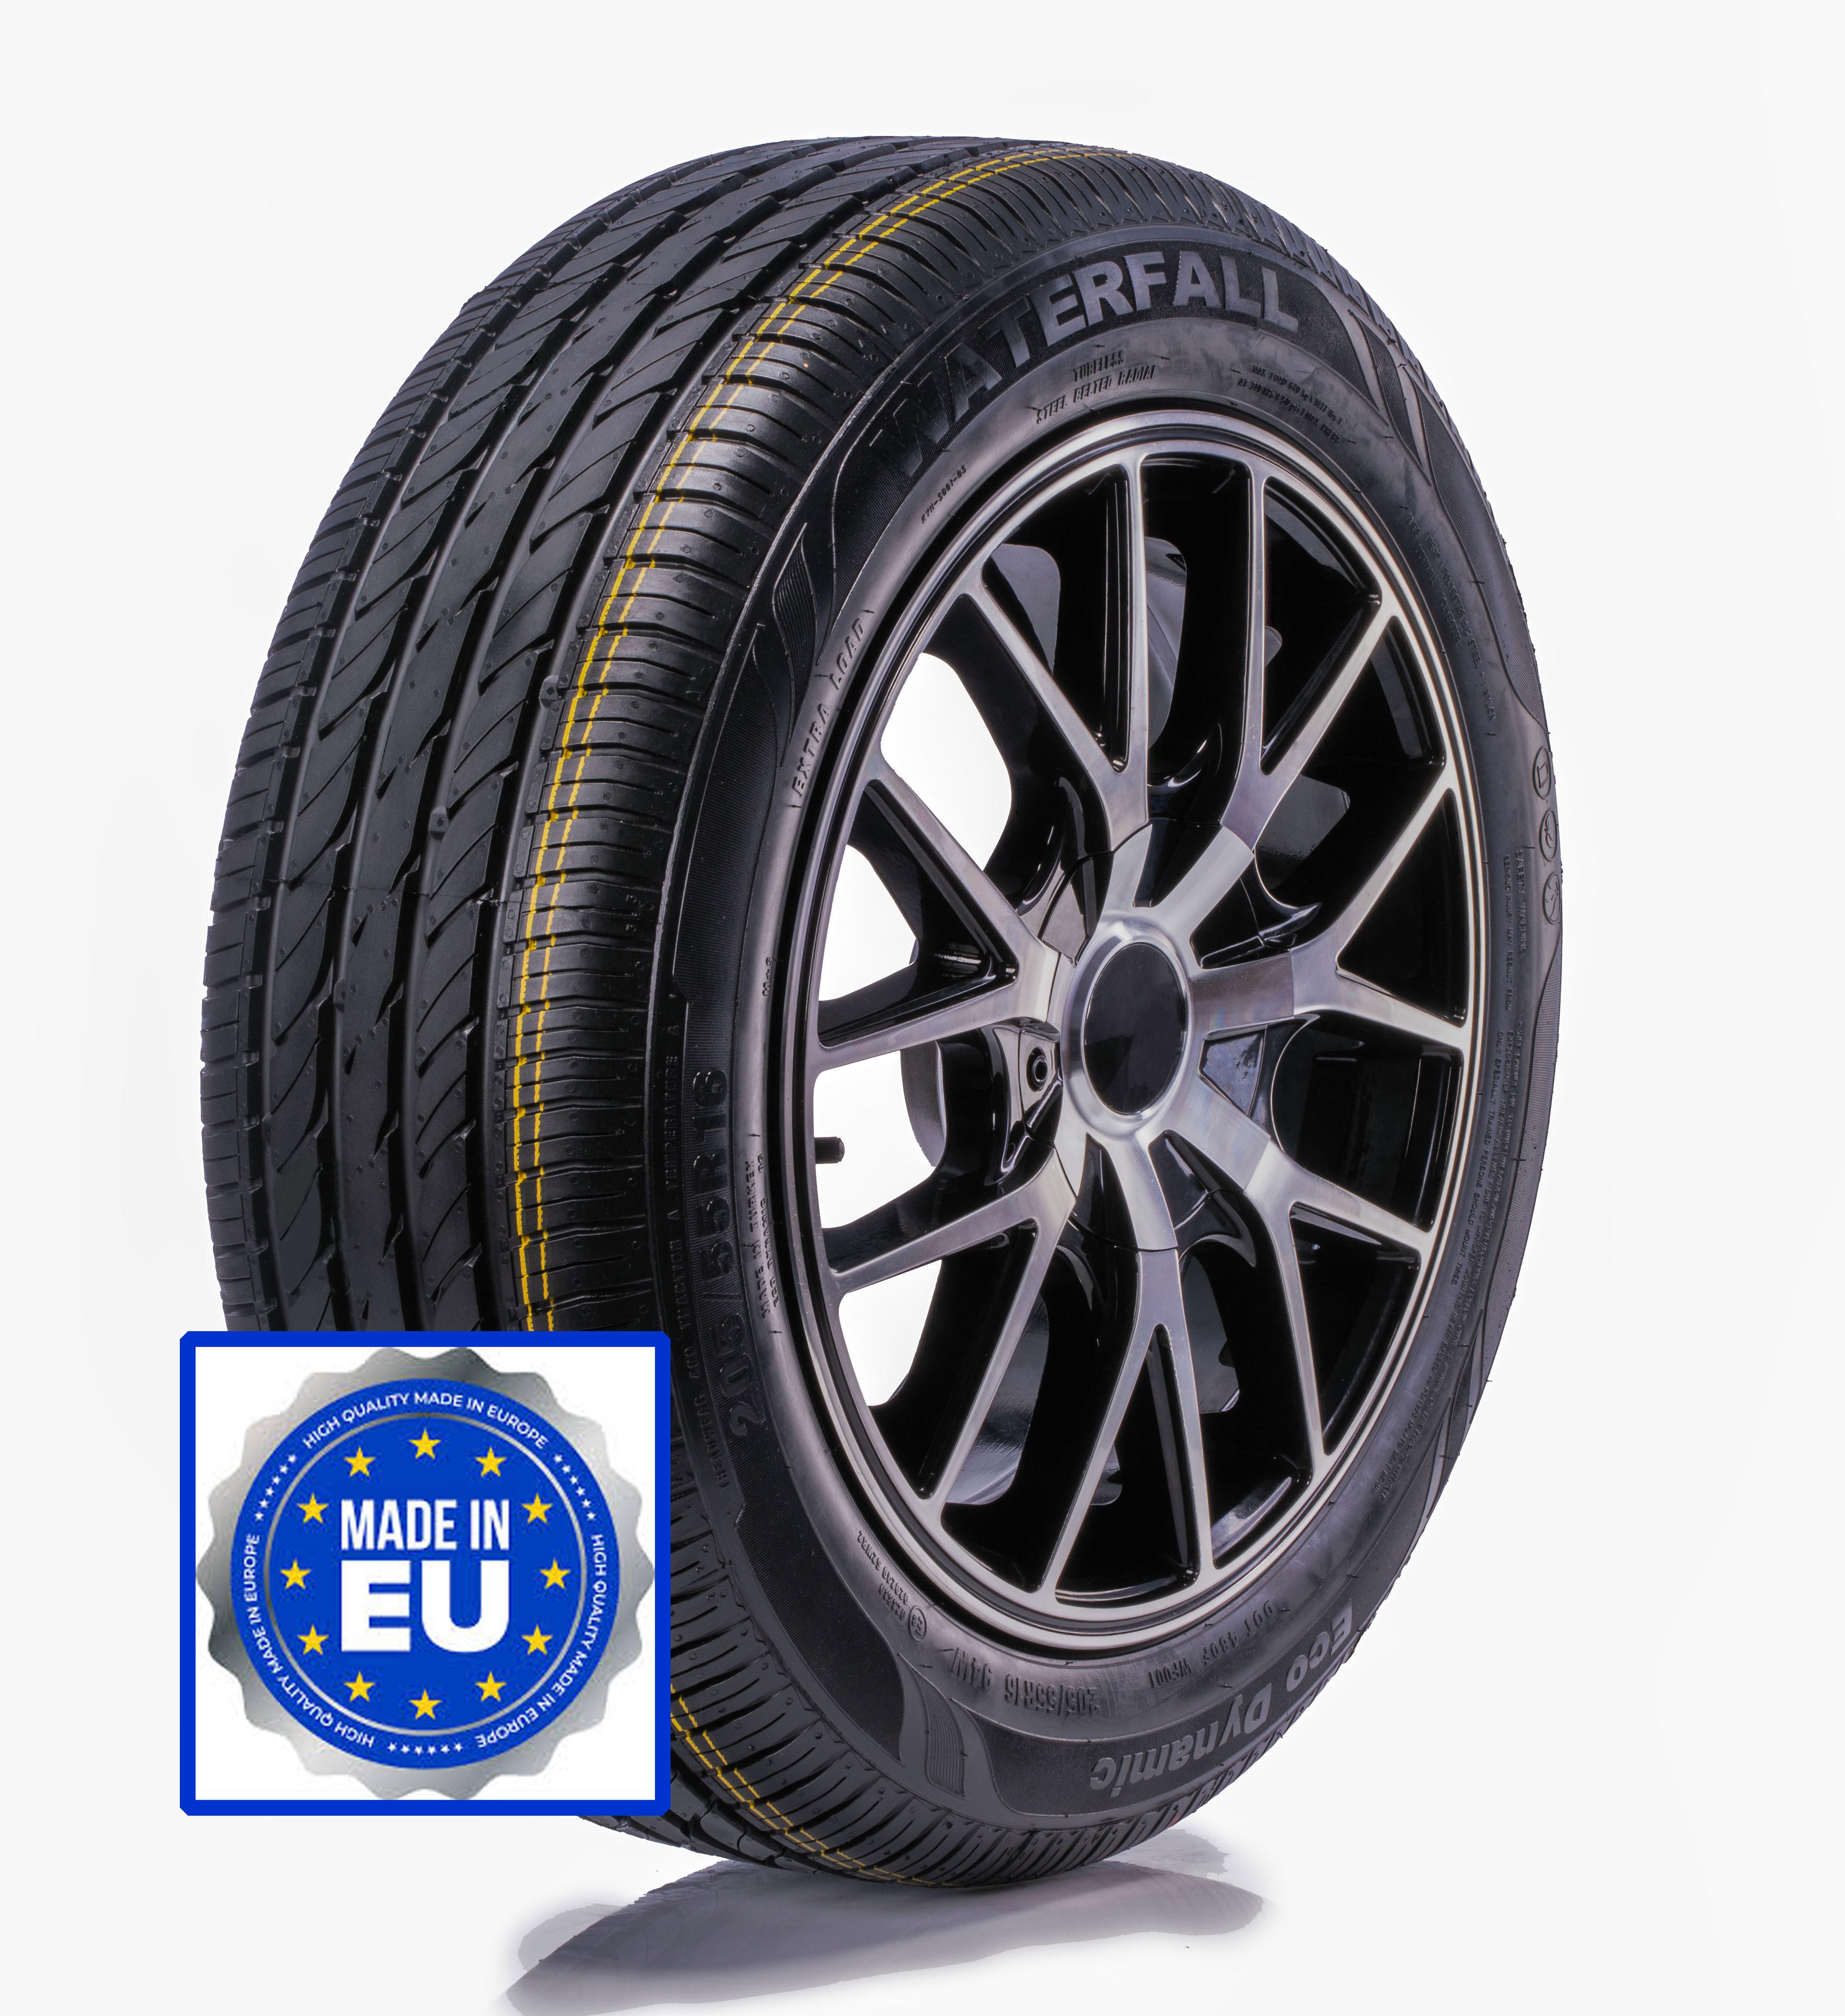 Waterfall Eco Dynamic 225/50R17 98 W Tire $224